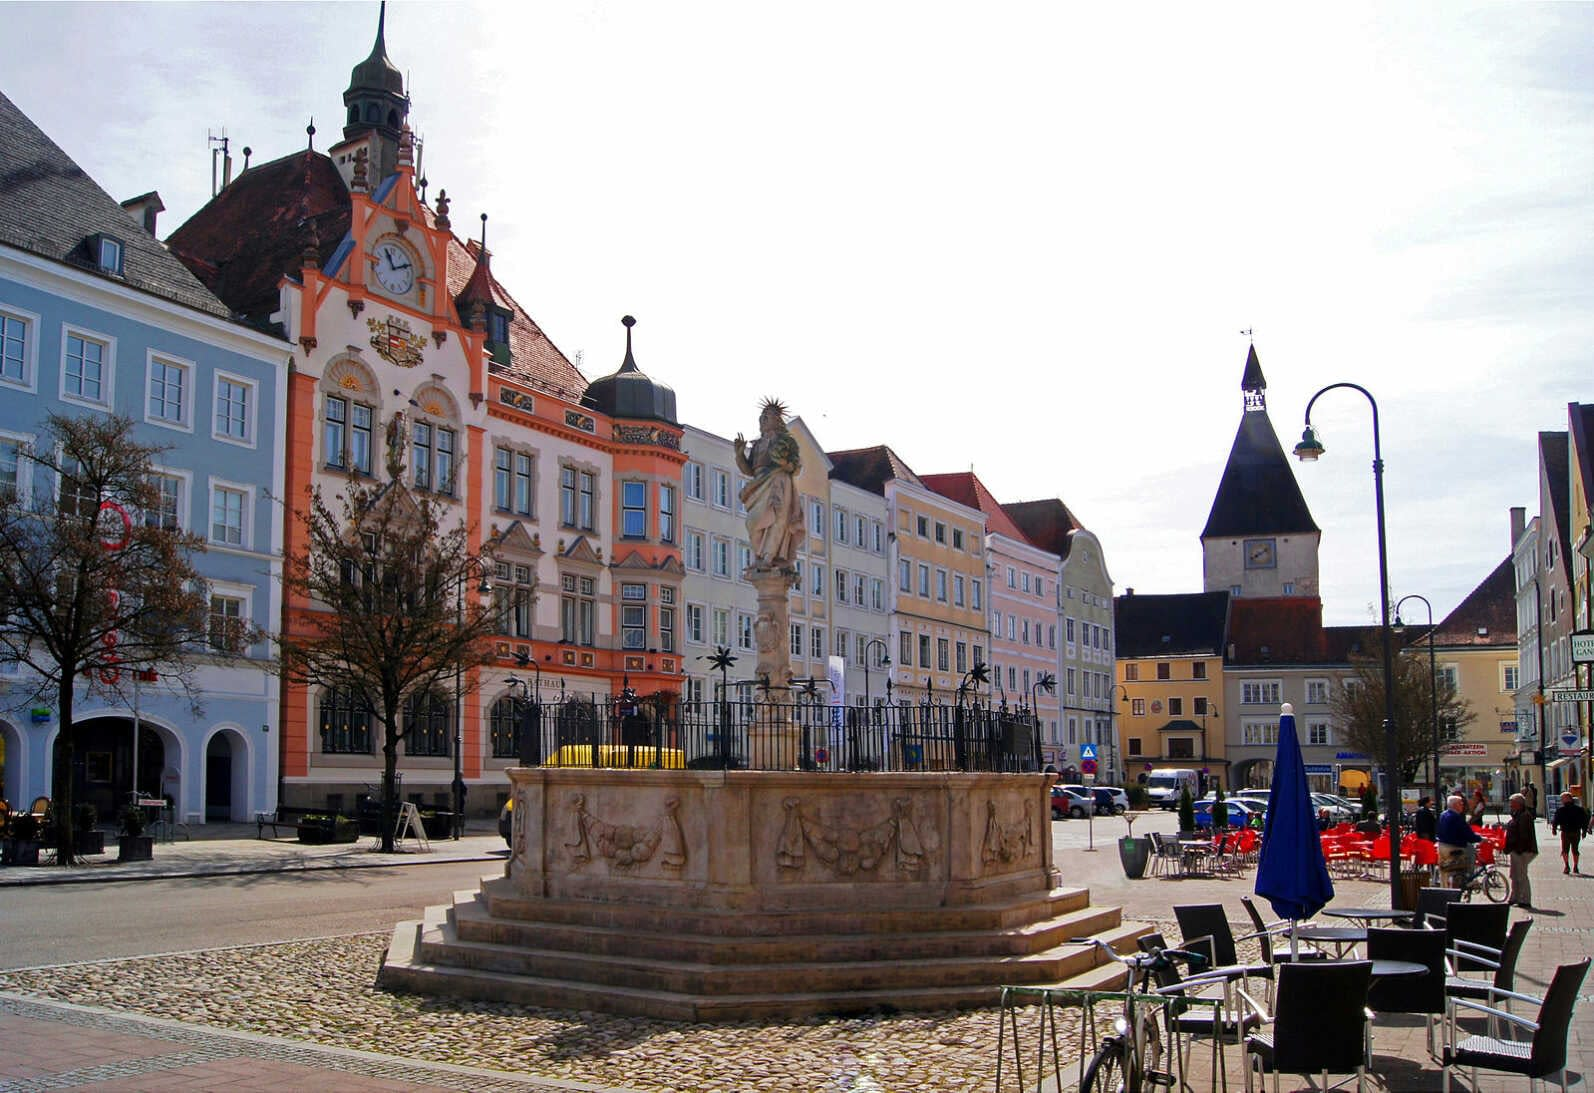 Braunau: Manche Angelegenheiten brauchen Zeit